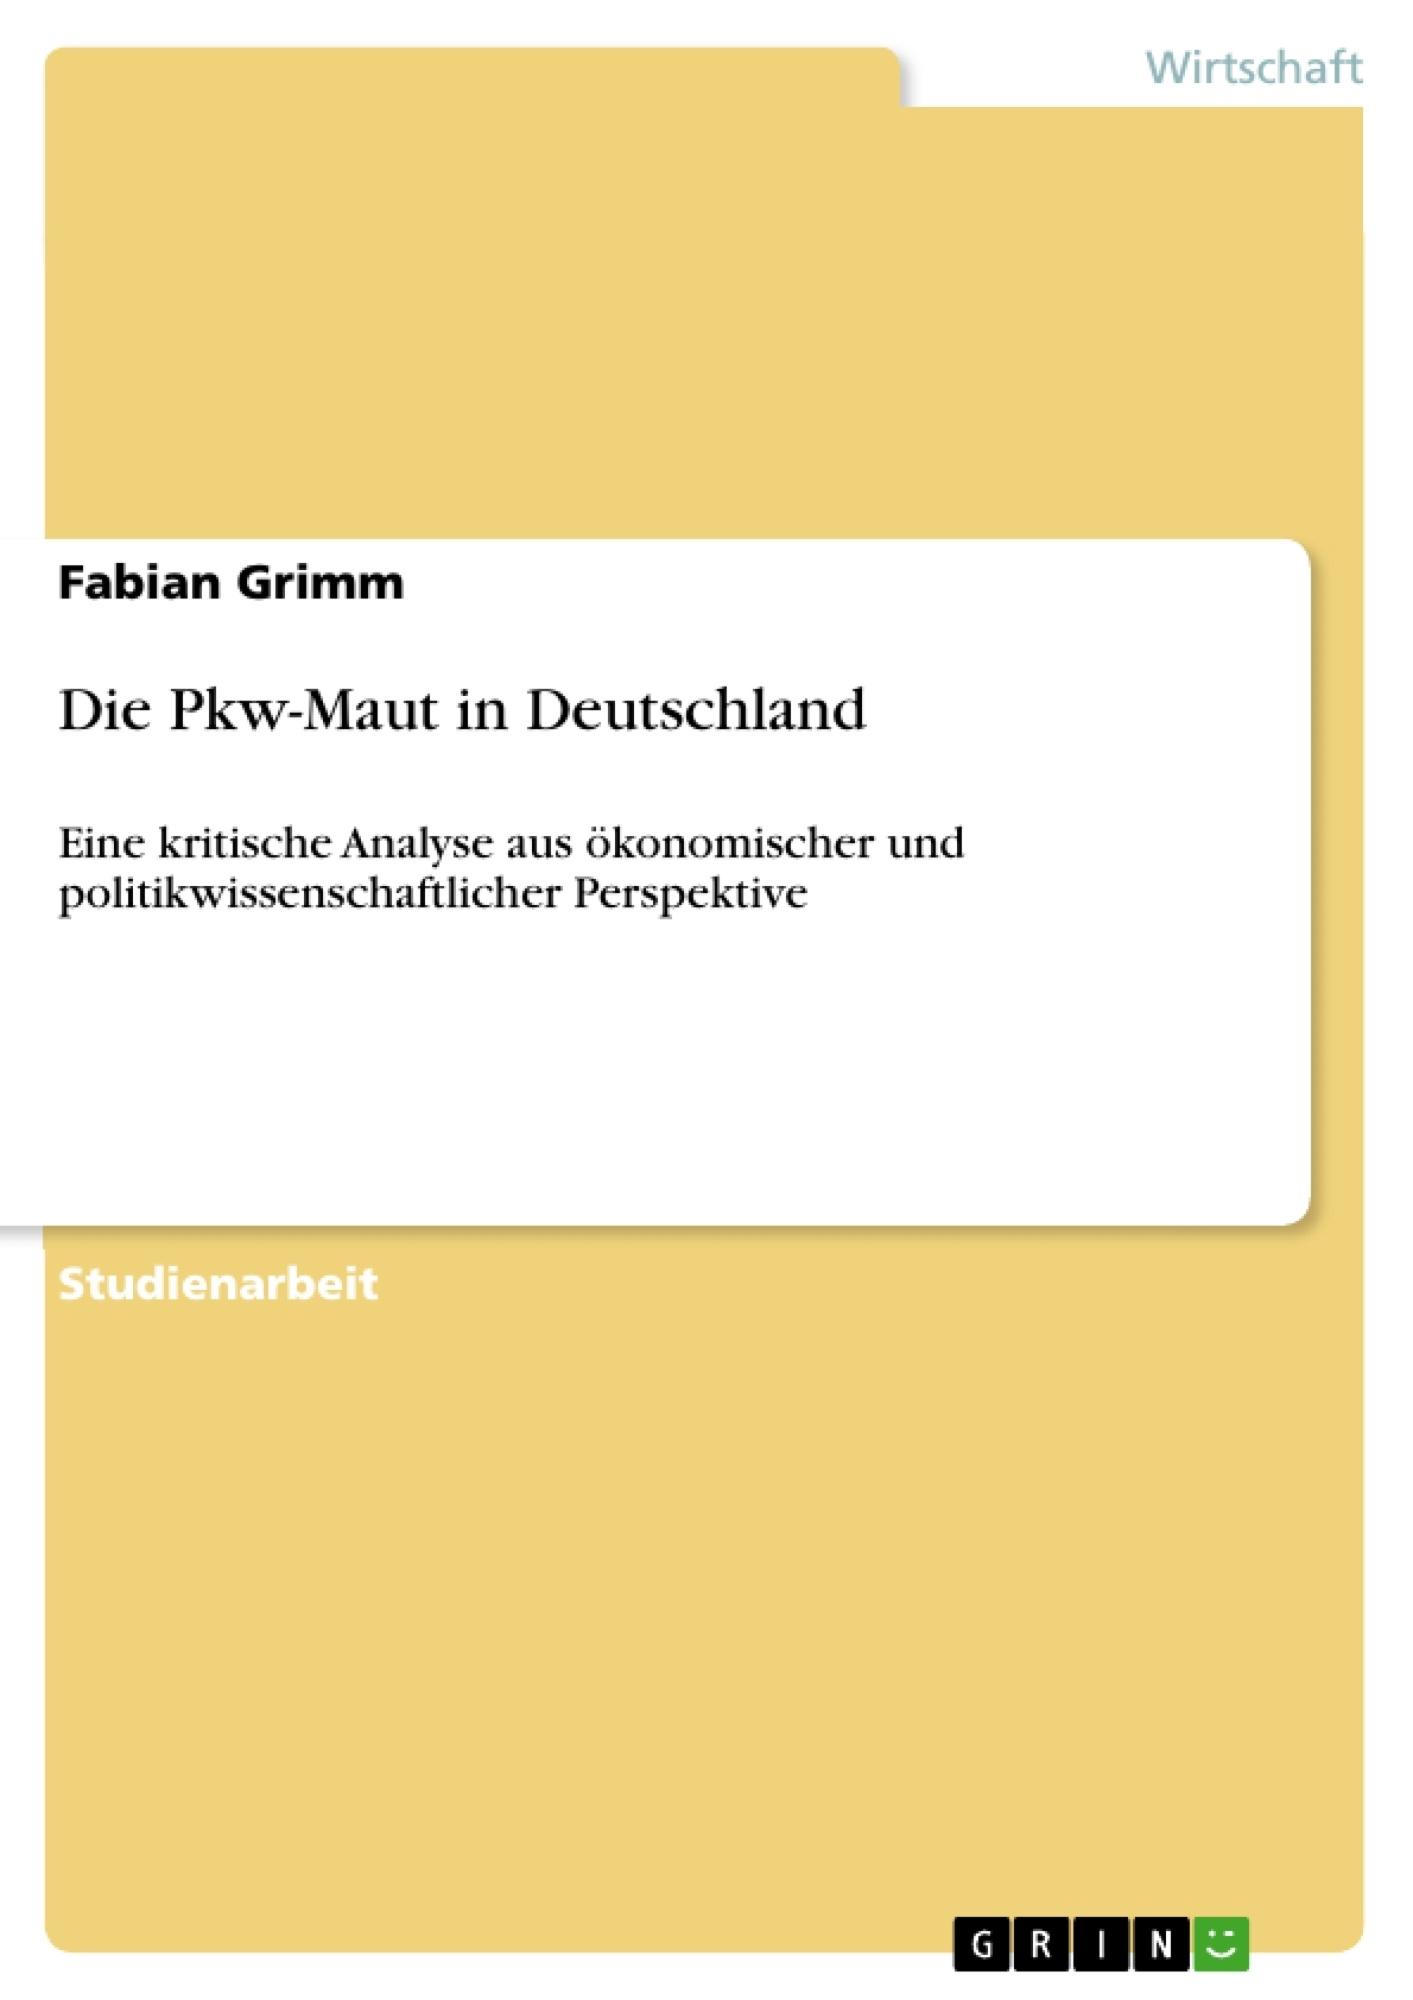 Titel: Die Pkw-Maut in Deutschland